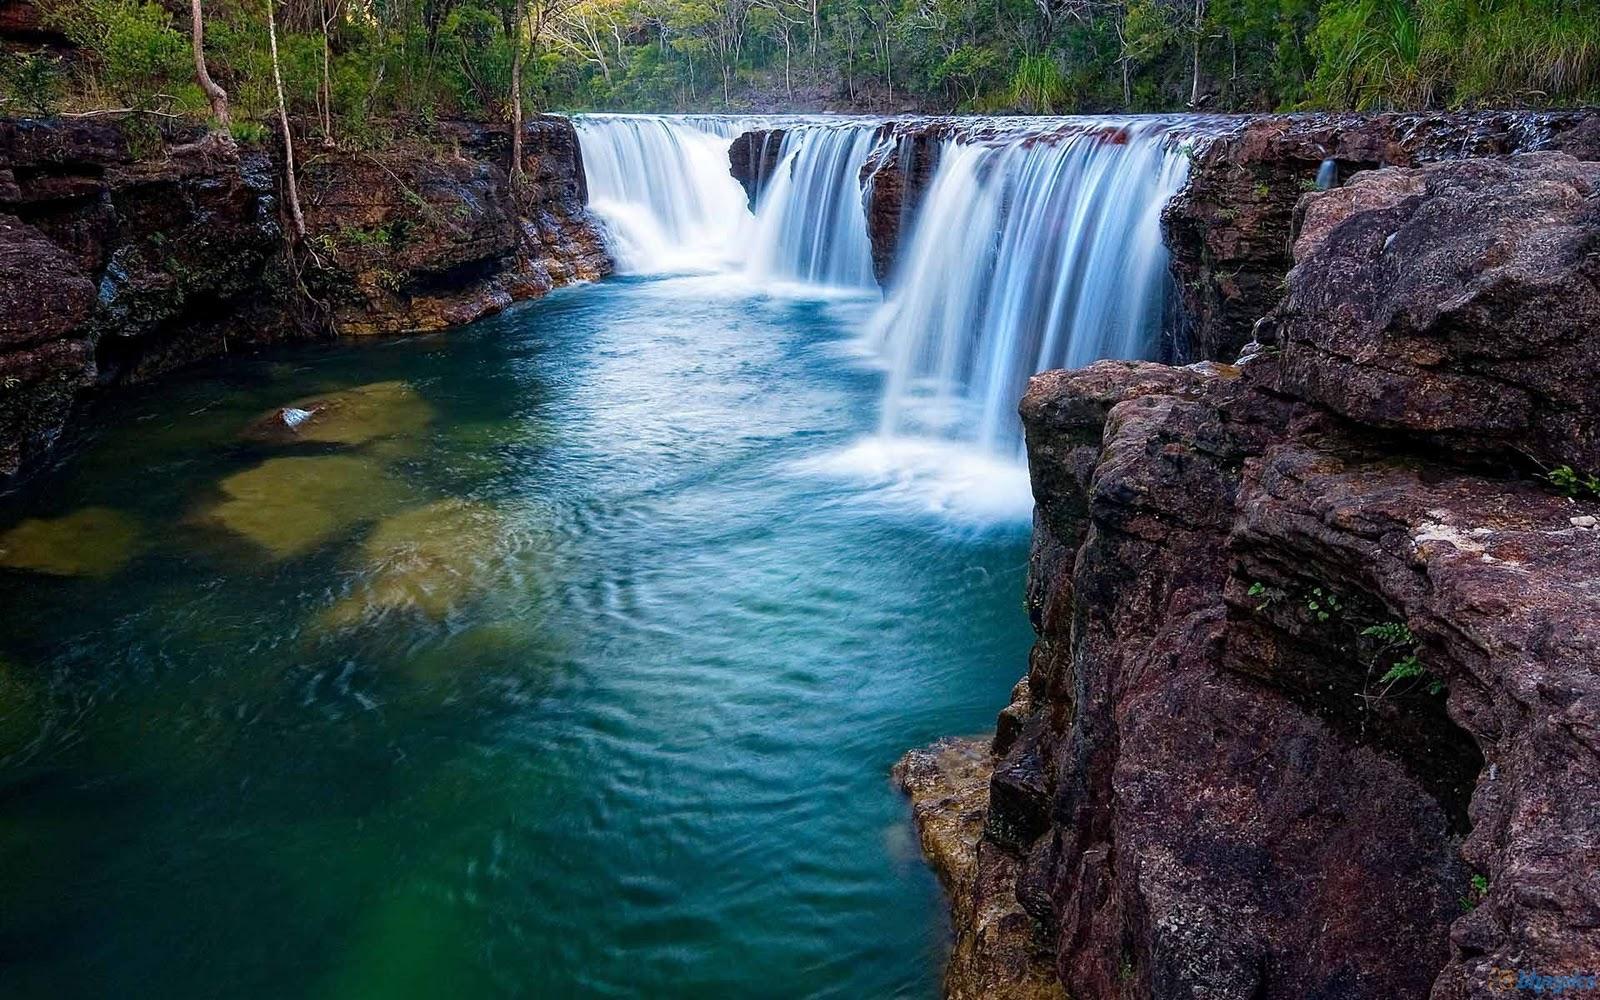 http://1.bp.blogspot.com/-leTtcFZvipg/TuhPxfnJMfI/AAAAAAAAAl0/7SlfbSOpxMs/s1600/blue_waterfalls-1920x1200.jpg